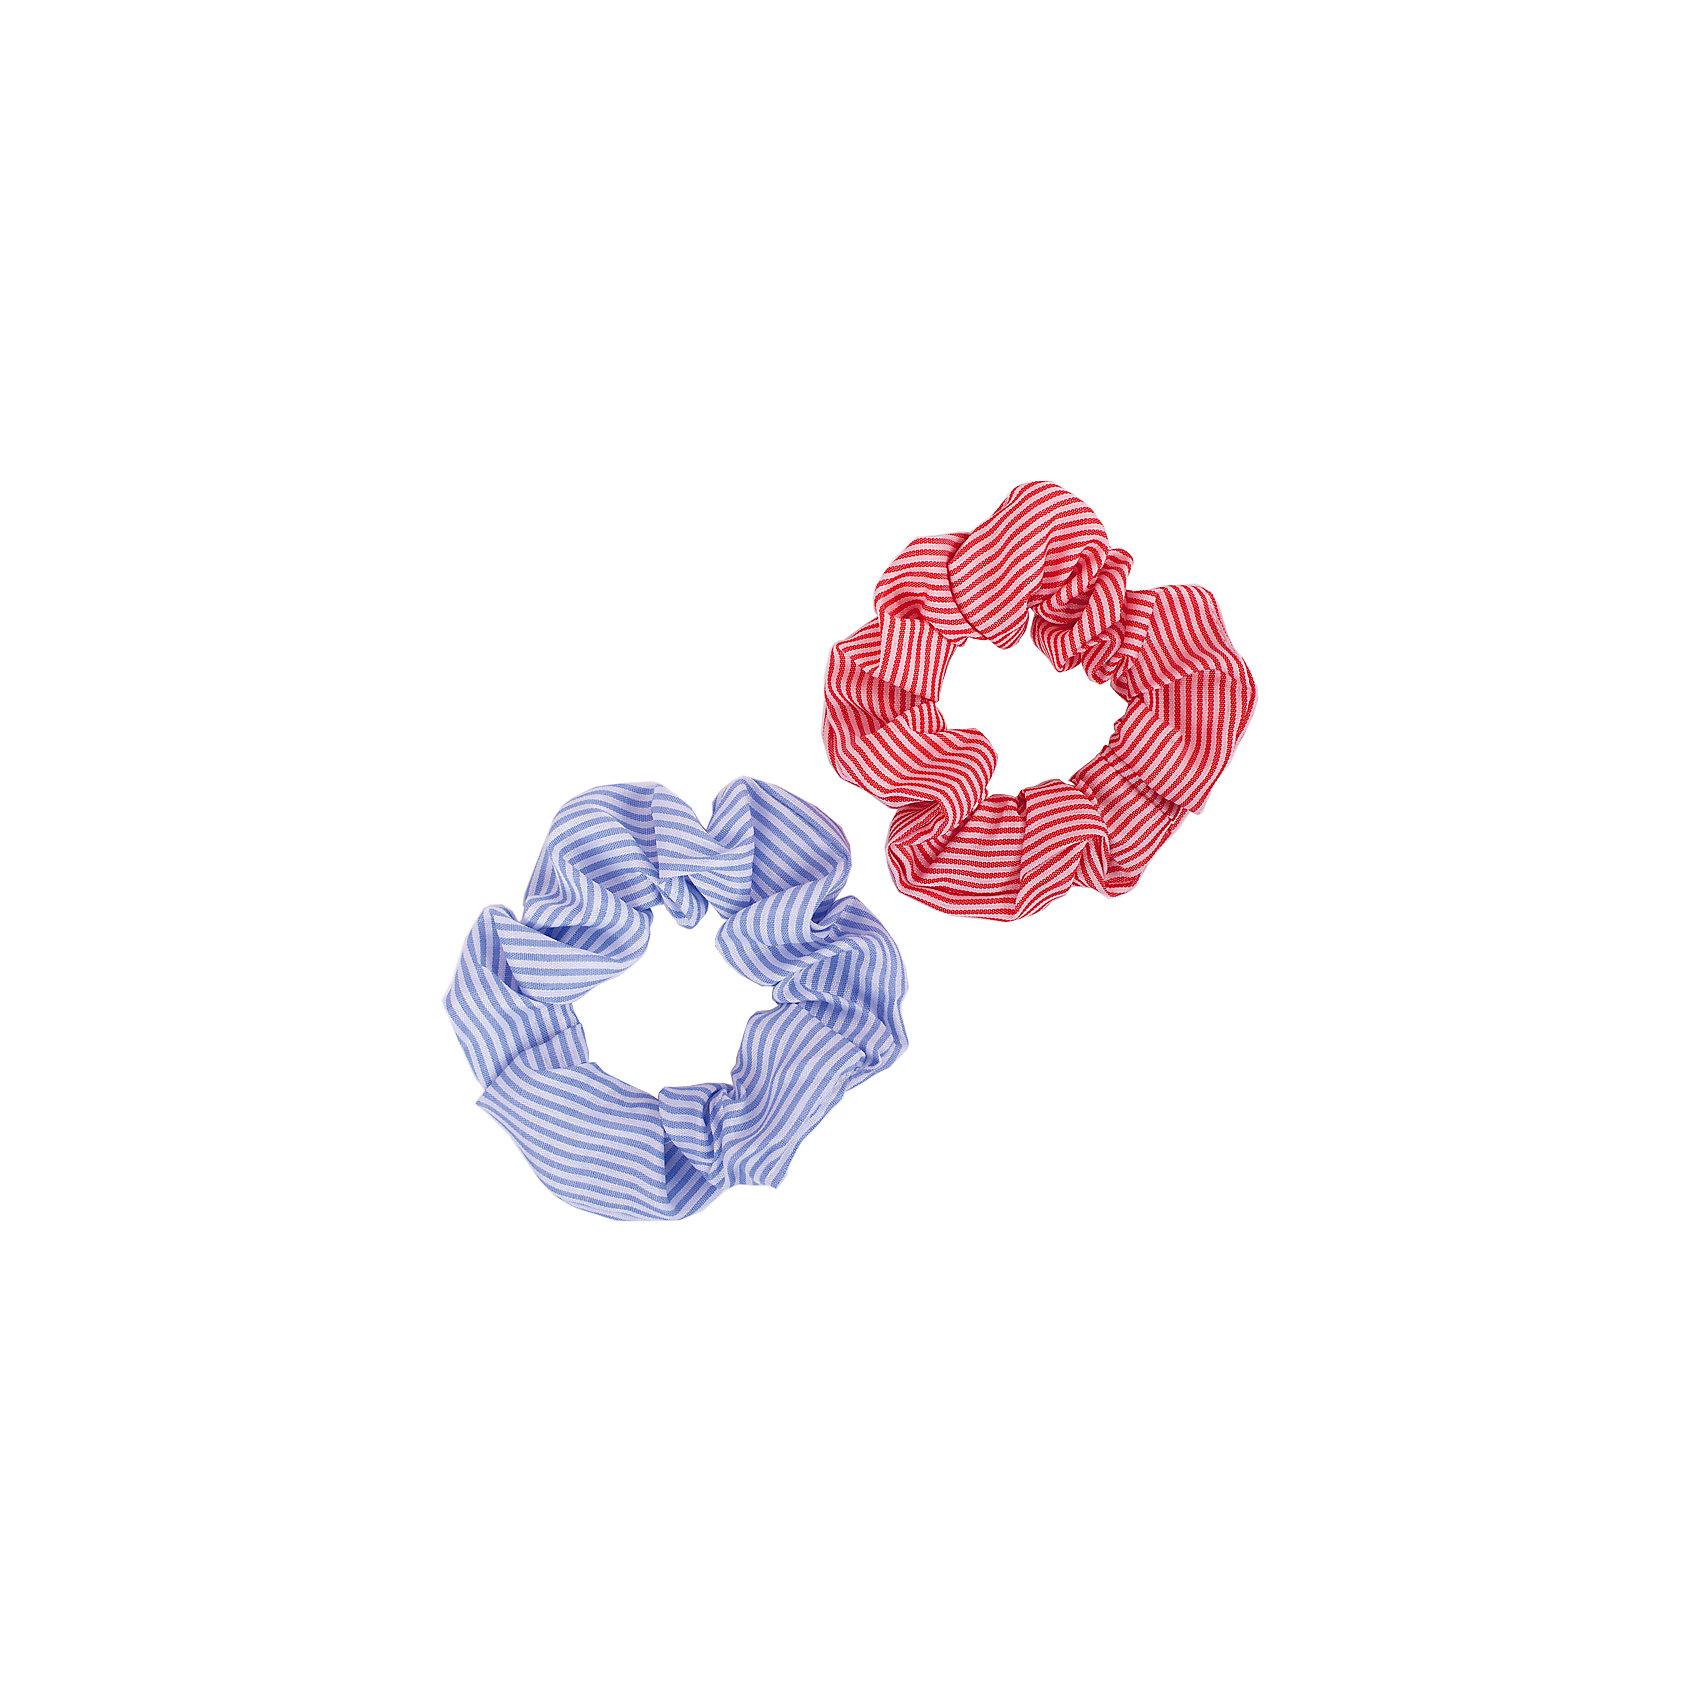 Button Blue Резинка для волос, 2 шт. Button Blue baby s joy резинка для волос бантик однотонный цвет розовый 2 шт